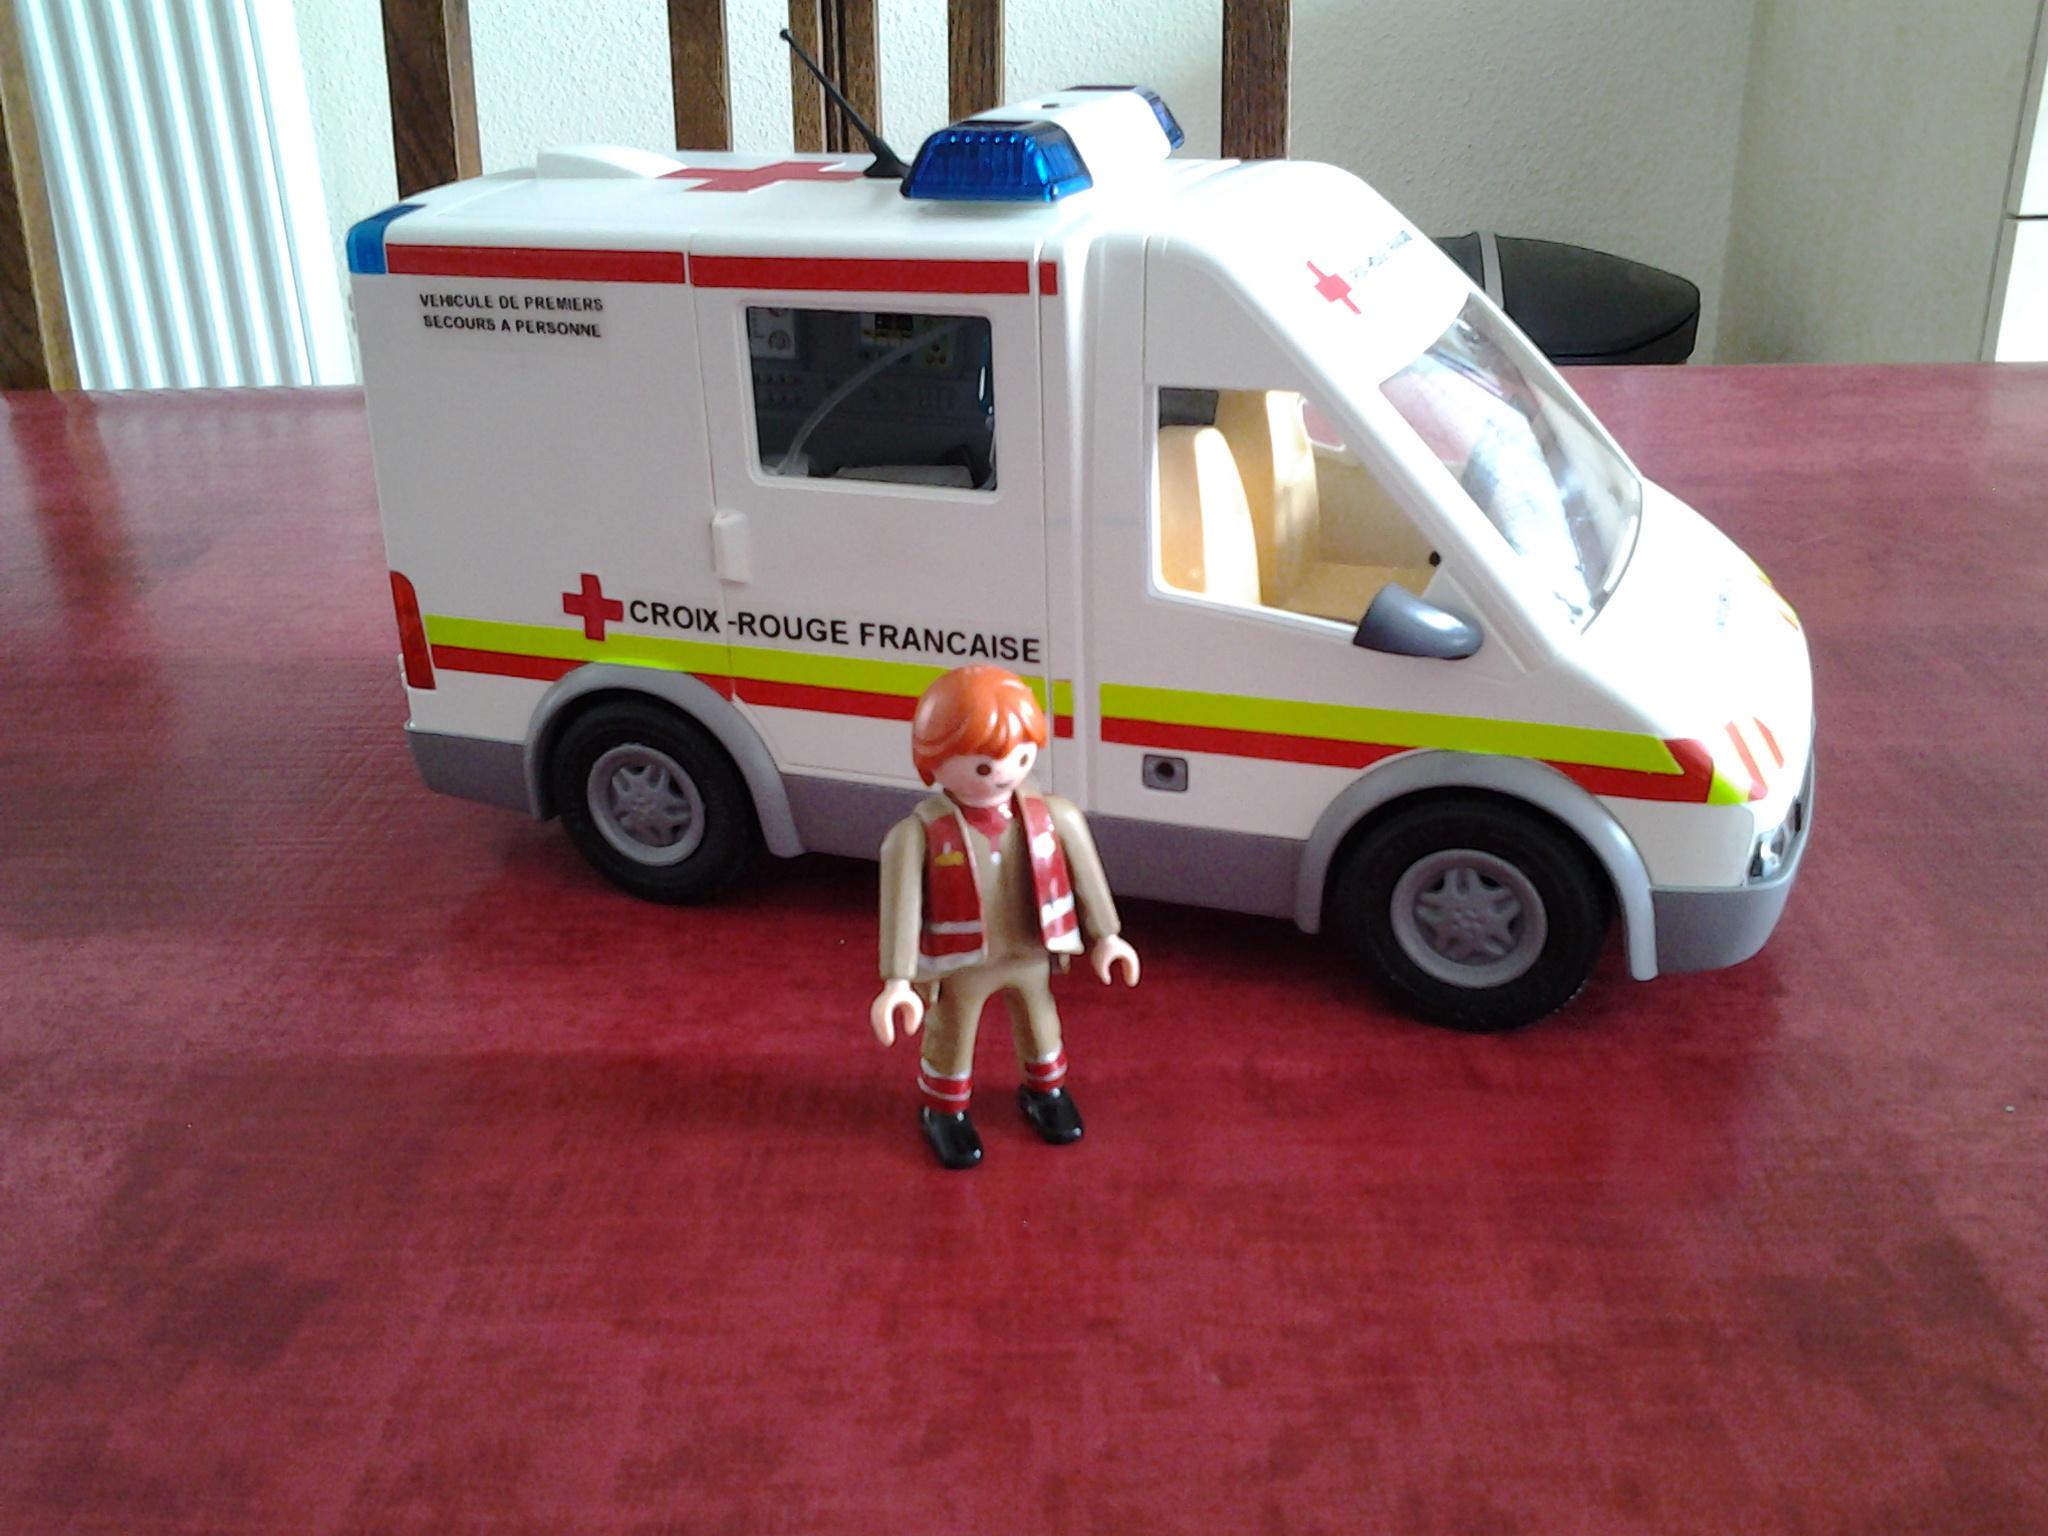 Croix rouge fran aise page 295 auto titre - Playmobil samu ...